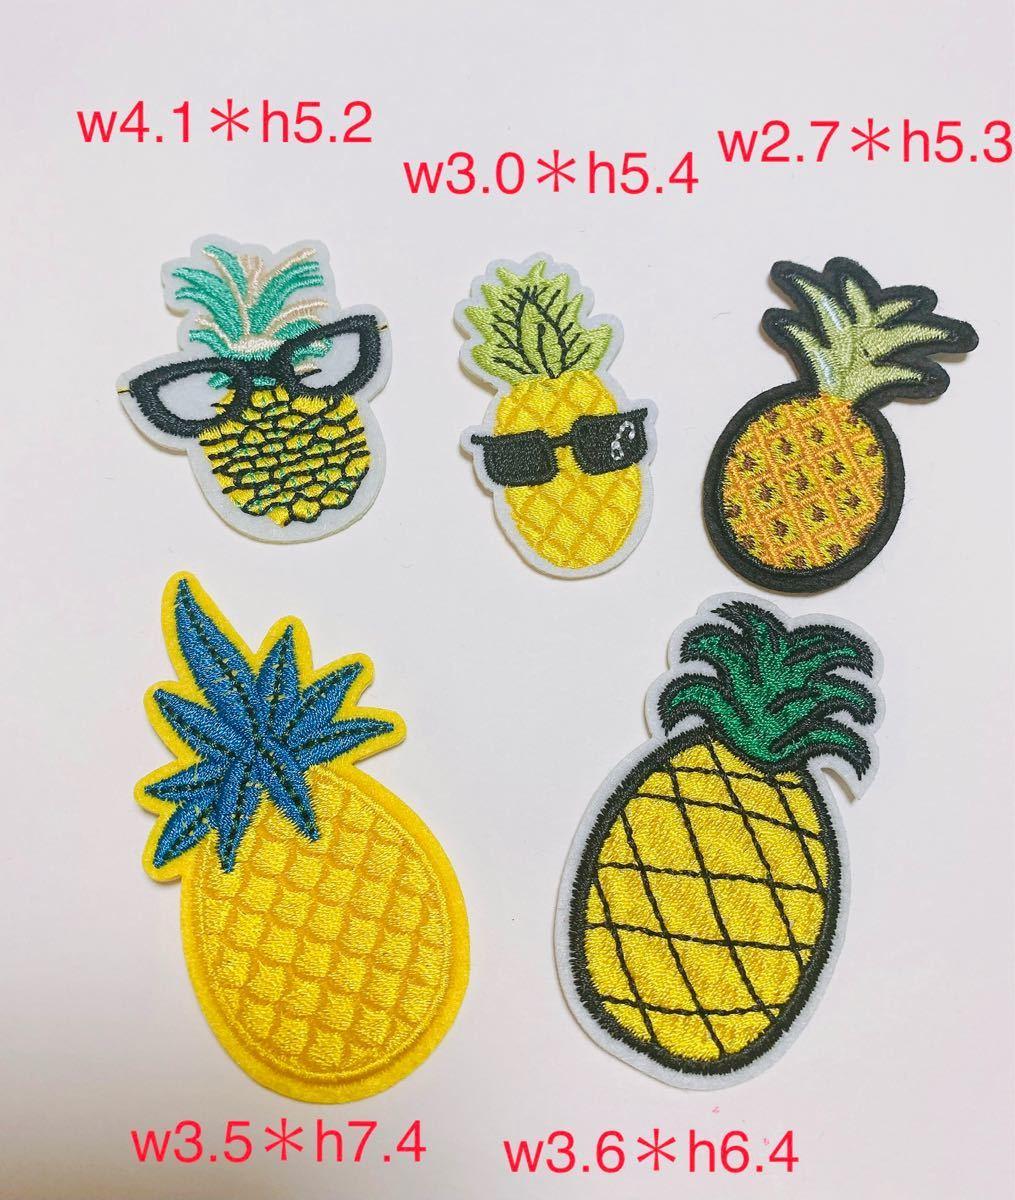 アイロンワッペン5枚 パイナップル 果物ワッペン 刺繍ワッペン アップリケ